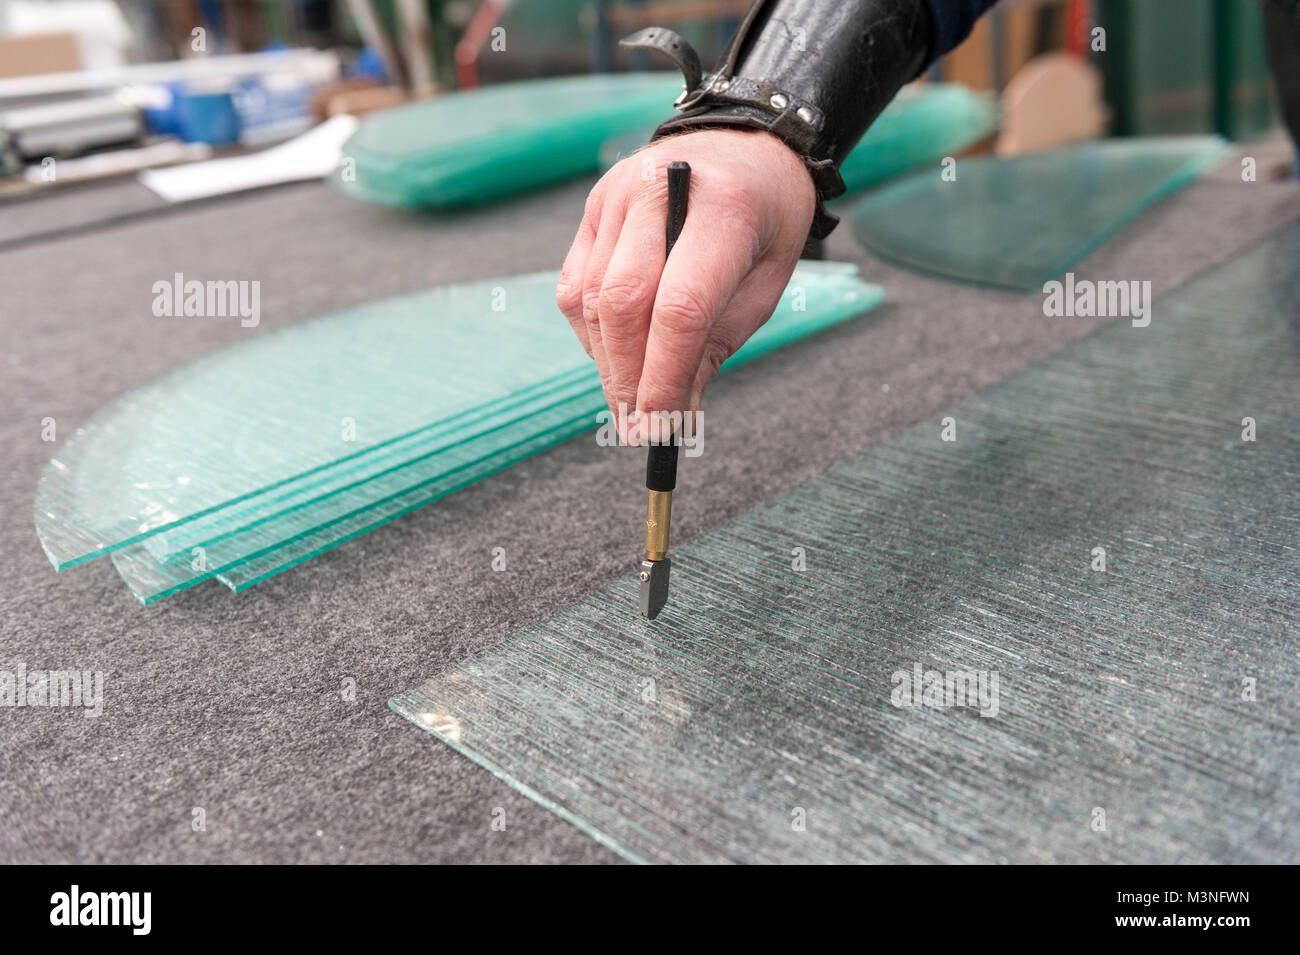 Glas Schneiden Von Hand Ein Glas Fraser Mit Diamond Blade